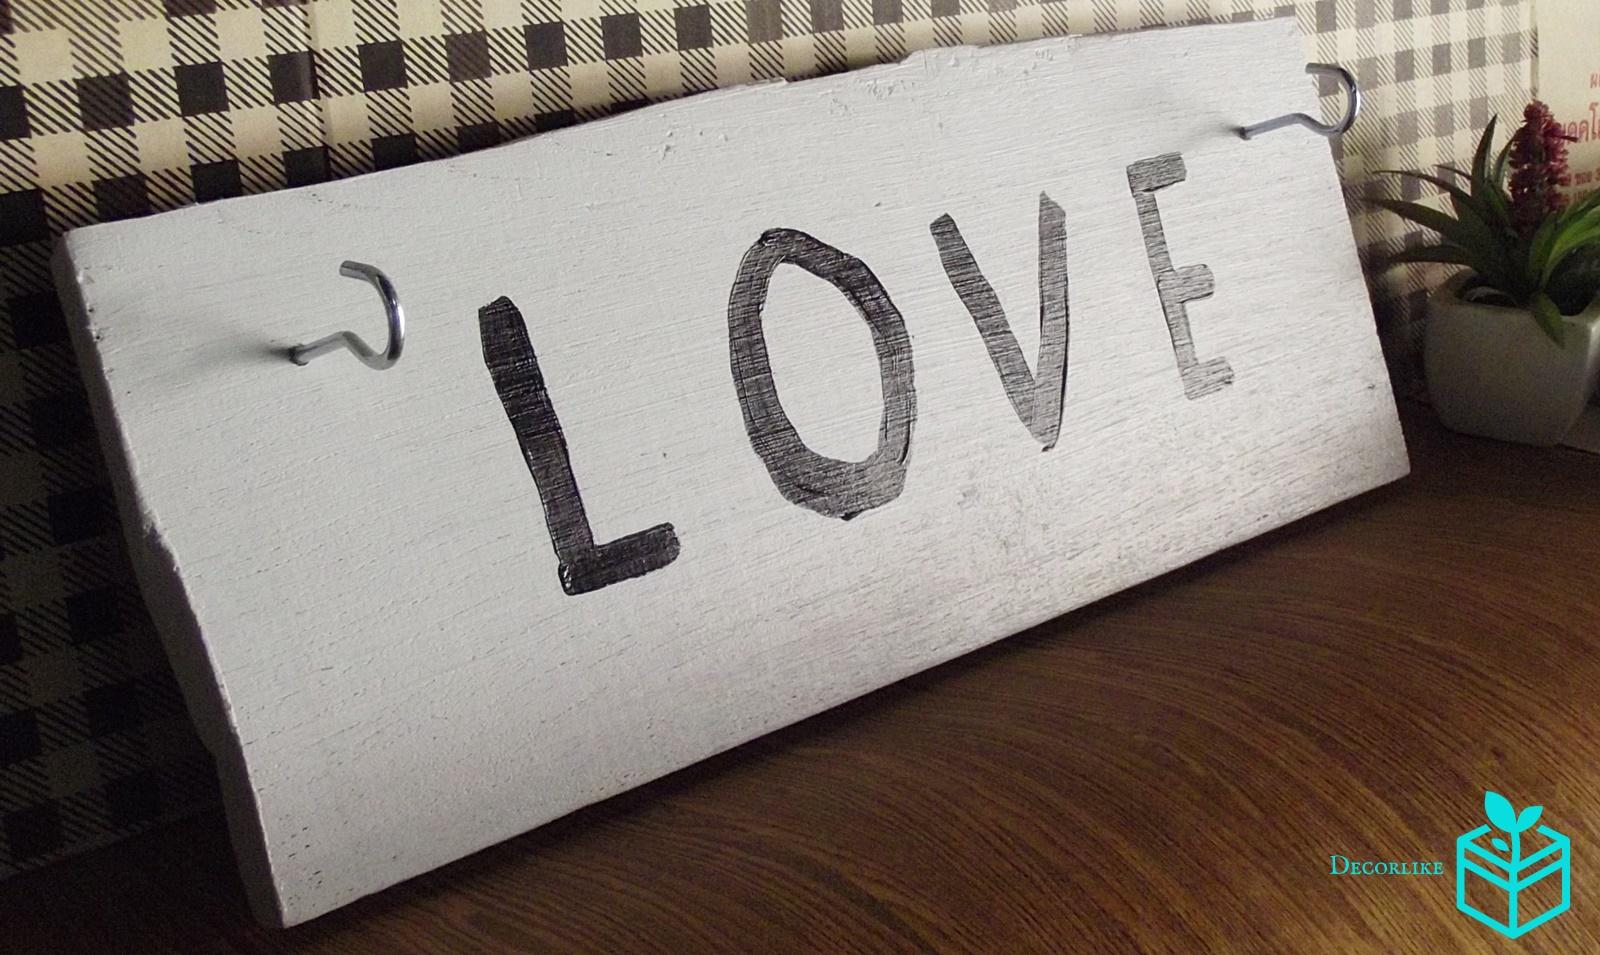 ที่แขวนกุญแจแบบตั้งโต๊ะแฮนด์เมด LOVE by DECORLIKE